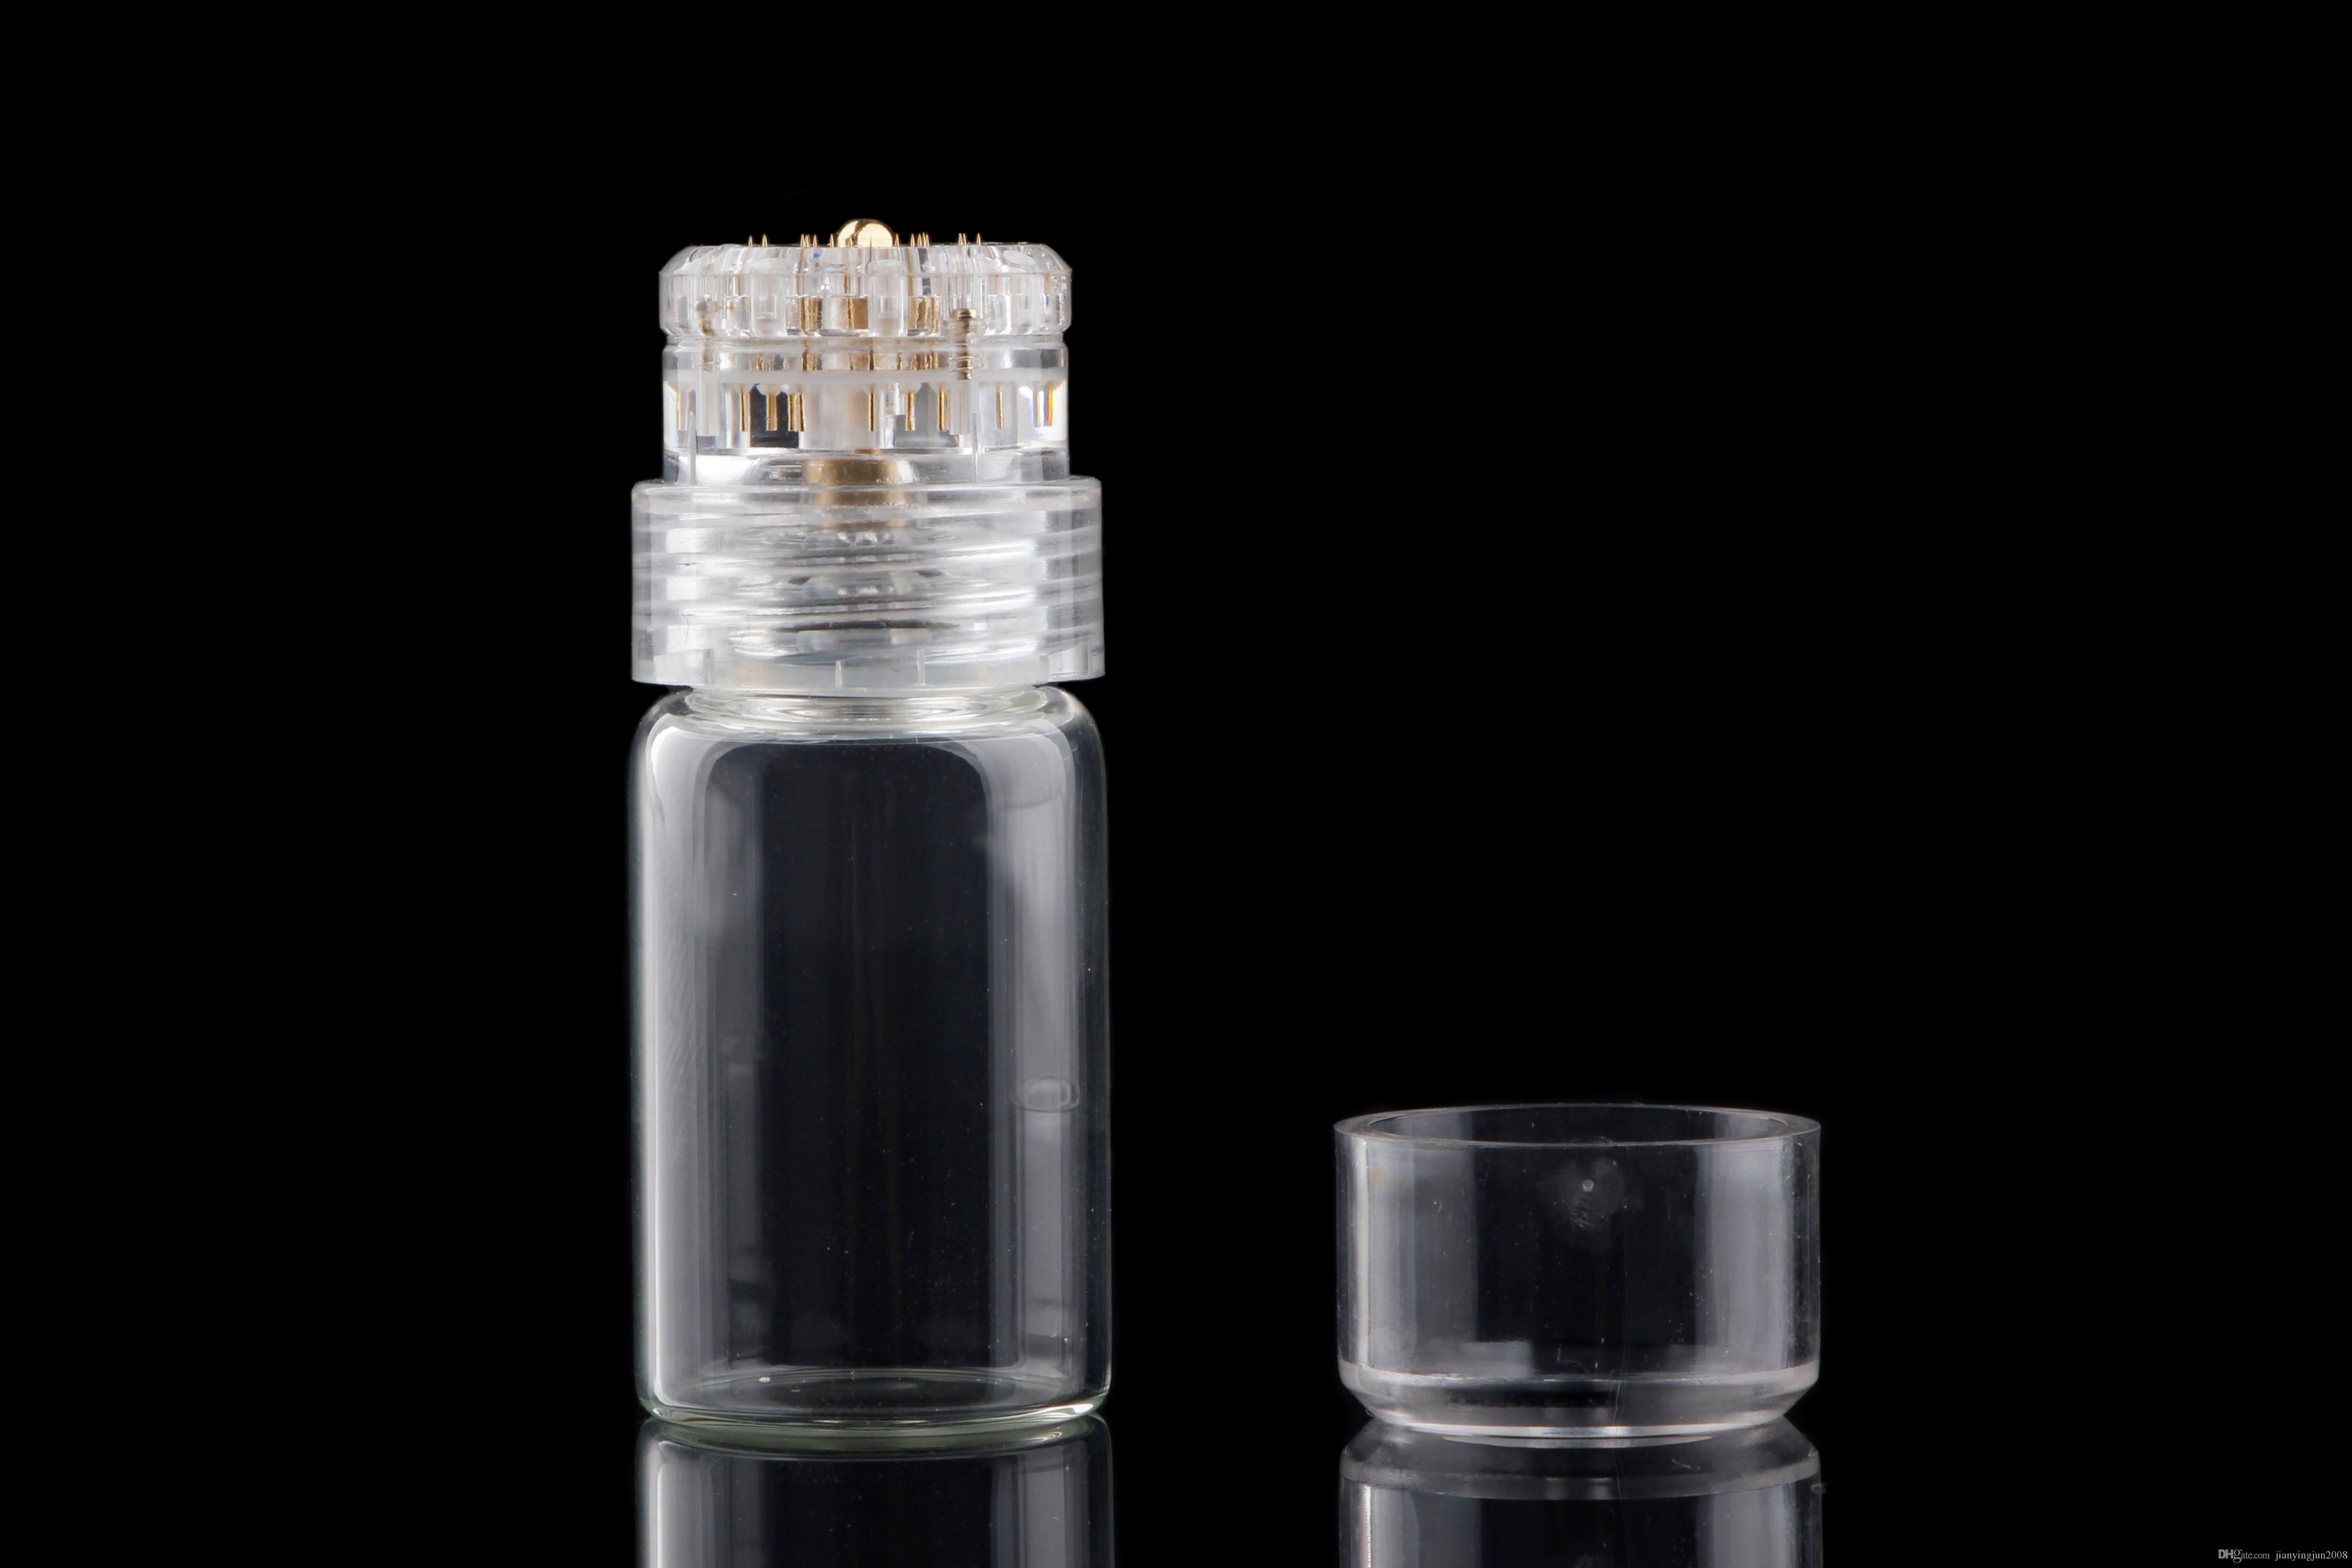 أحدث الصغرى بكرة إبرة نظام سبائك التيتانيوم الإبر هيدرا إبرة 20